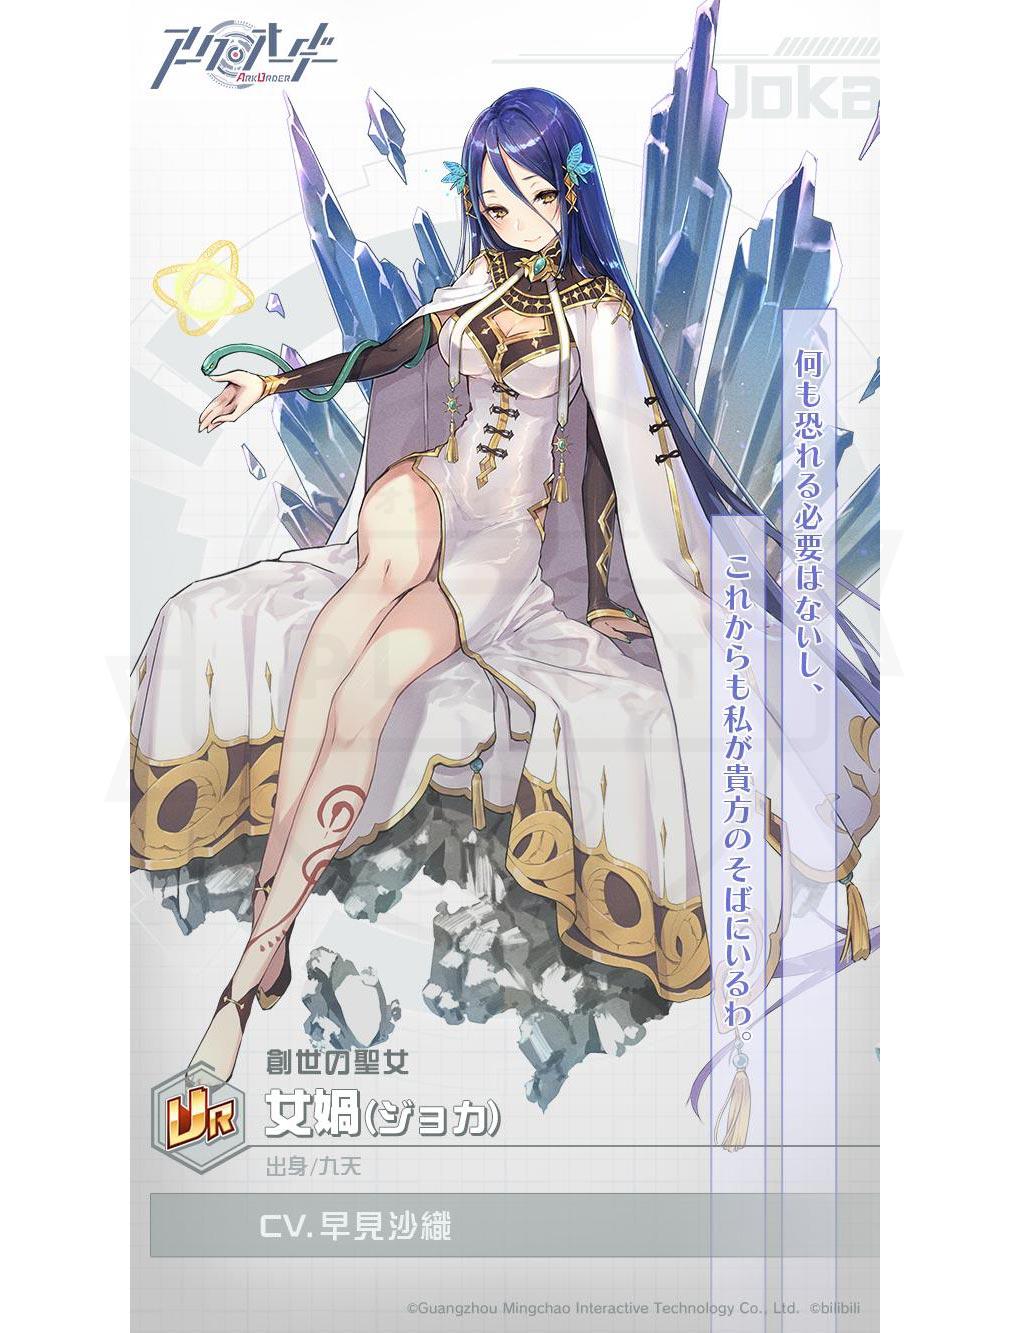 アークオーダー 誓霊キャラクター『女媧(ジョカ)』紹介イメージ